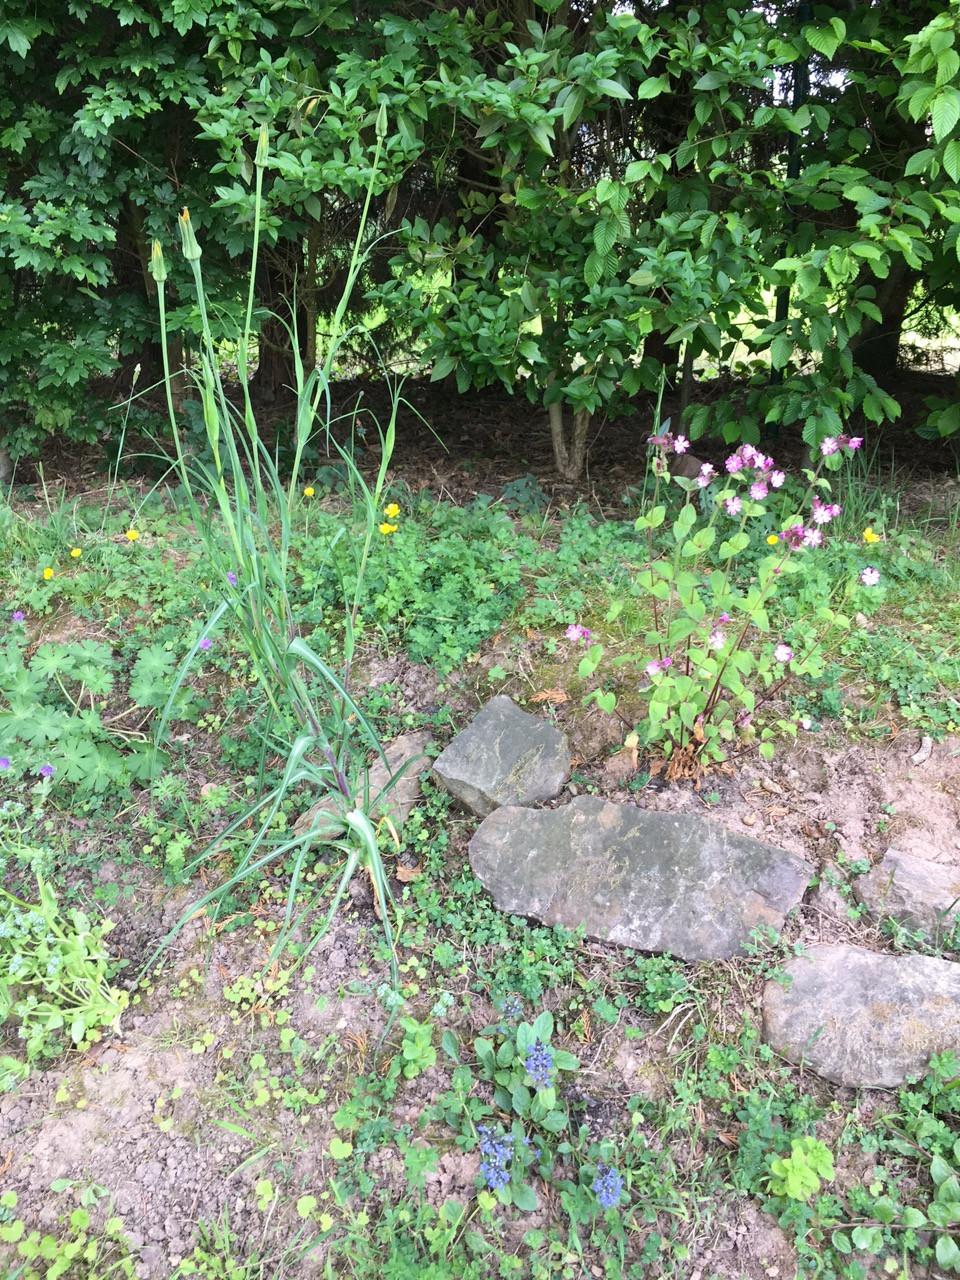 Je pense à toi en effectuant le premier gros désherbage de mon petit talus pierreux planté l'automne passé de quelques plantes sauvages venant de chez toi.  Quel régal pour les yeux : aspérule, giroflée, compagnon rouge, bugle rampant sont en fleurs ! J'attends l'ouverture de mon salsifi avec impatience et ça ne c'aurait plus tarder... Et aussi la pimprenelle, les marguerites et les géraniums ! A très bientôt, Gwenn